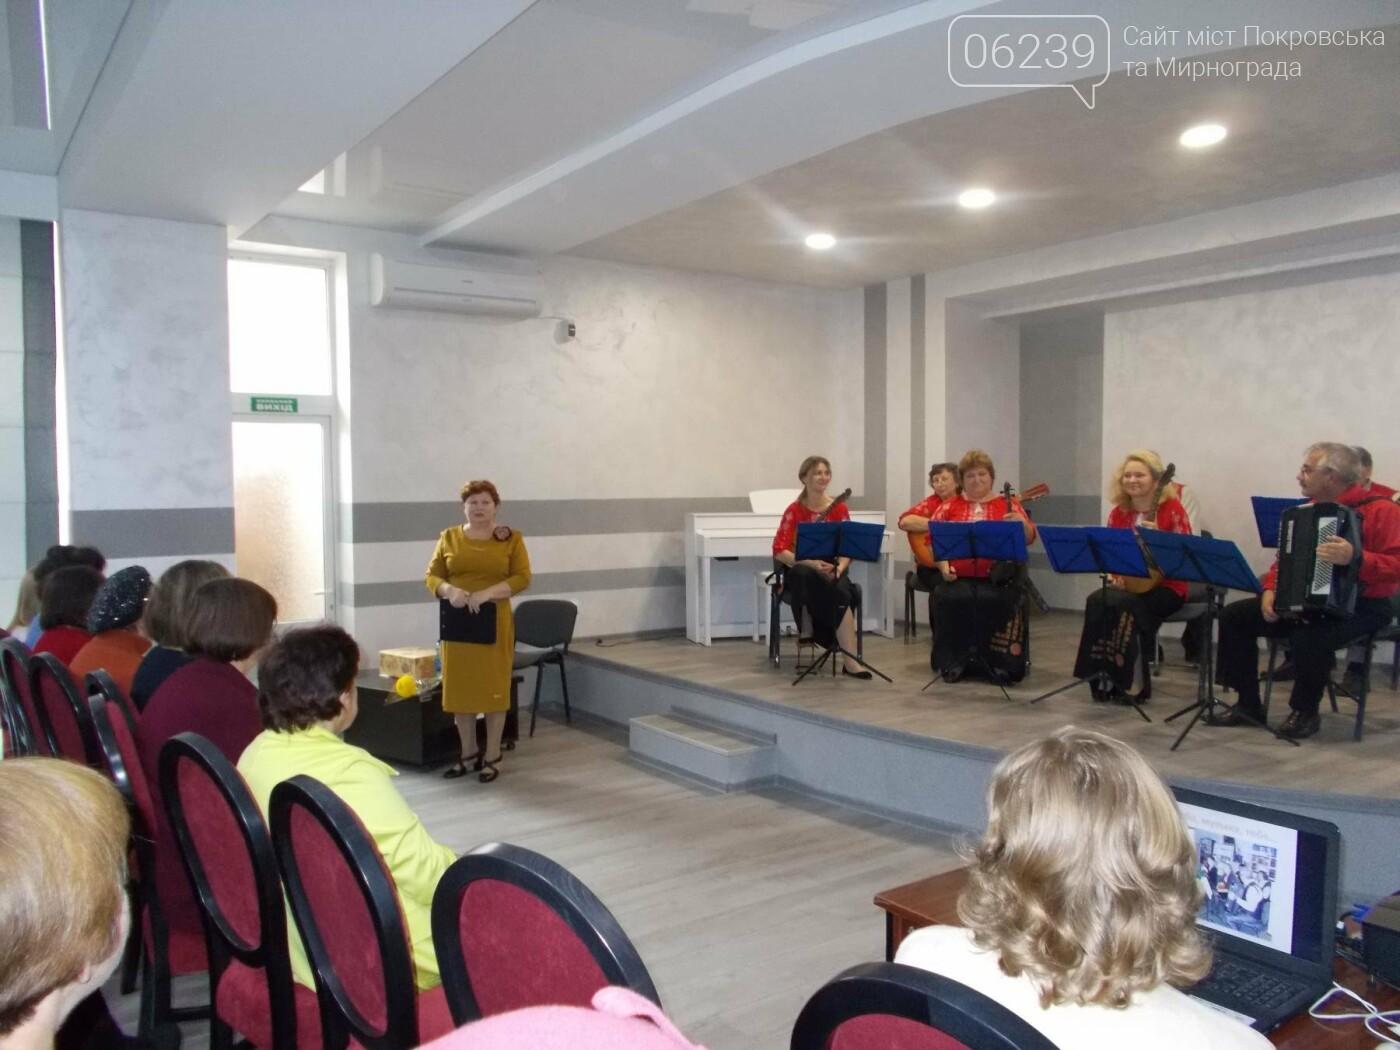 У Покровську в Центральній міській бібліотеці пройшов чудовий захід із циклу лекцій-концертів, фото-5